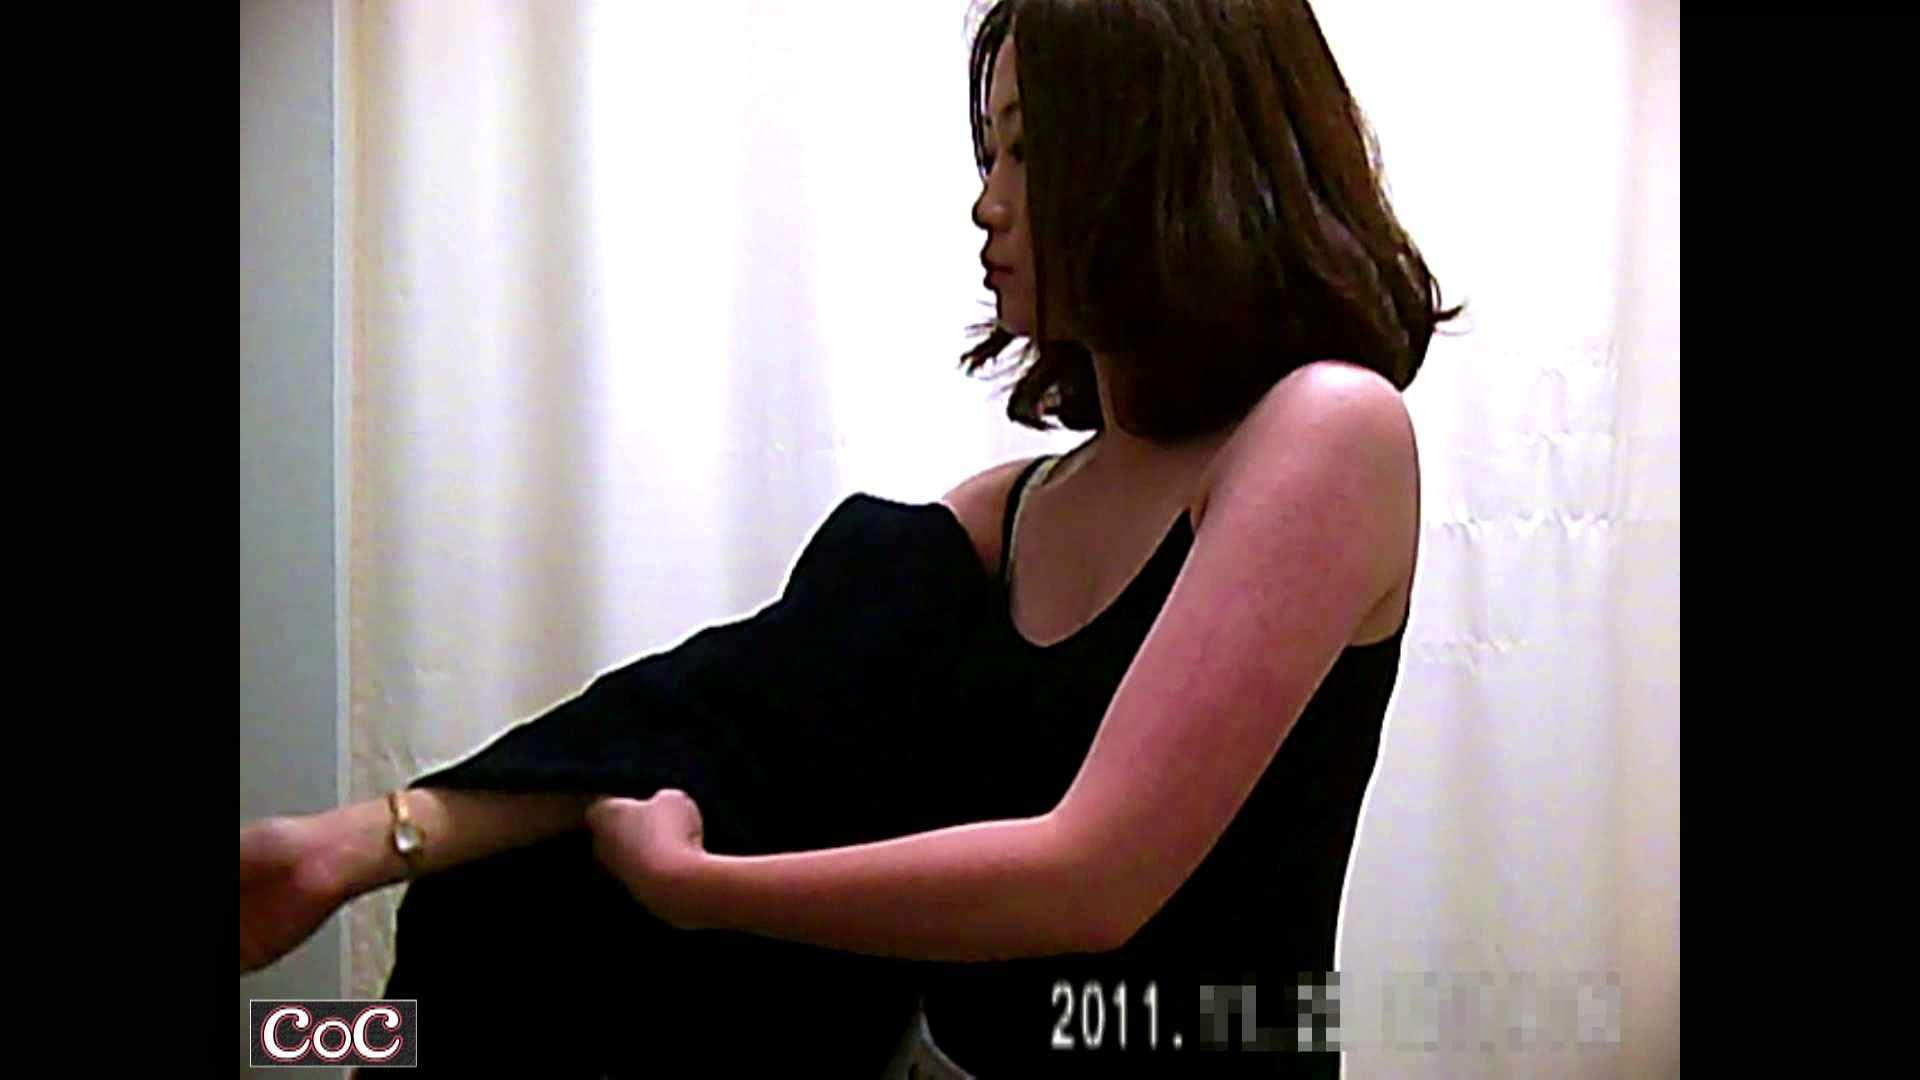 元医者による反抗 更衣室地獄絵巻 vol.195 OLハメ撮り  99Pix 40